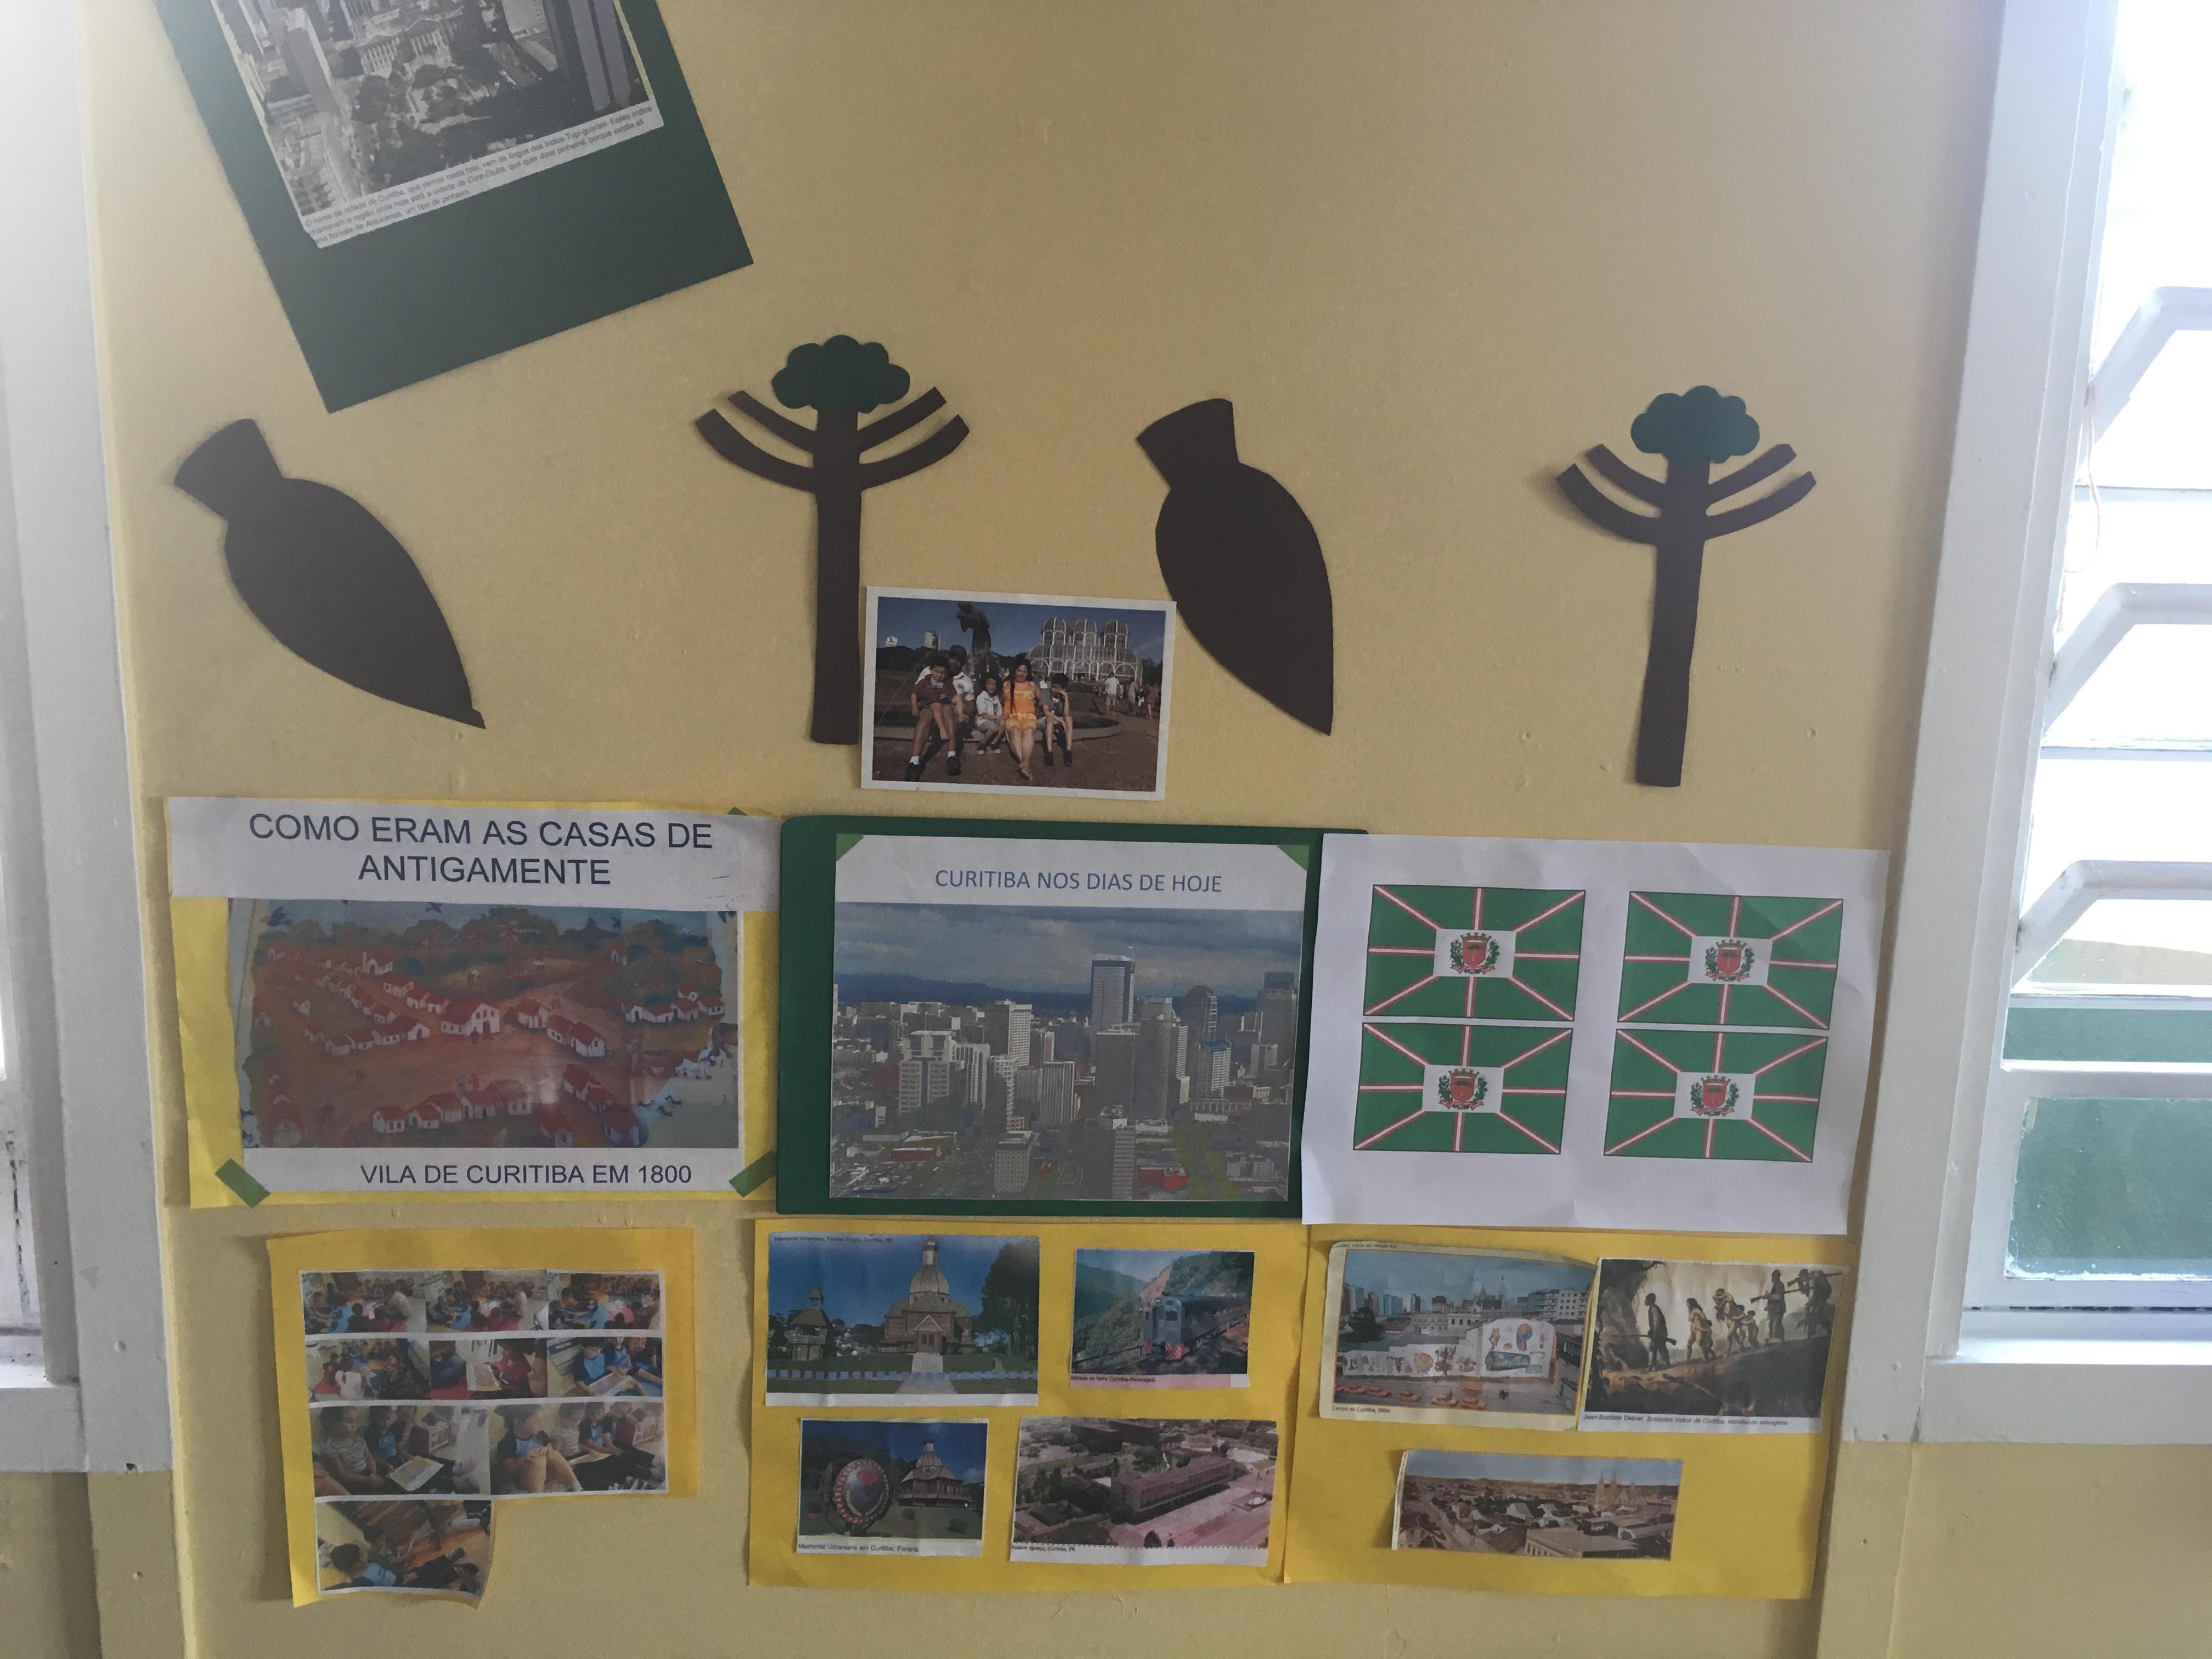 Comemoração Aniversário de Curitiba 2019